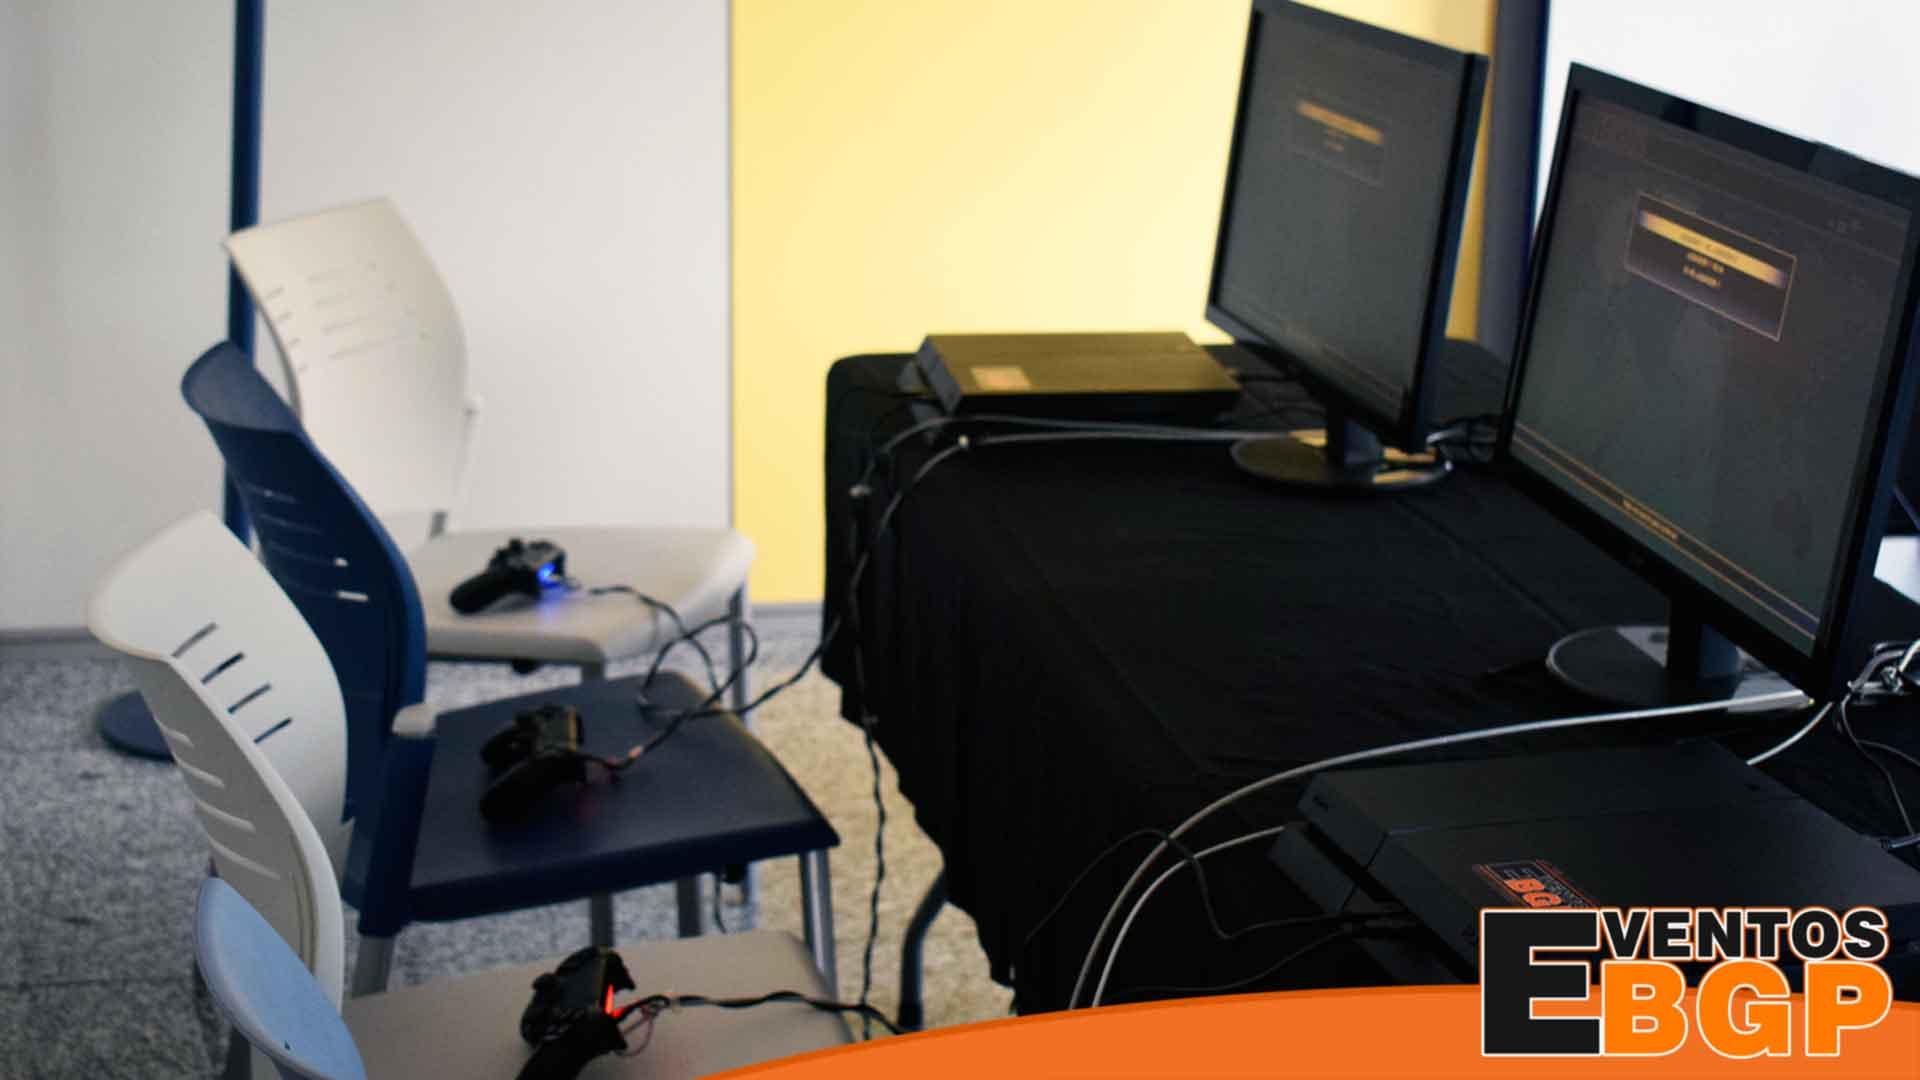 Zone Videojuegos Pozuelo de Alarcón.